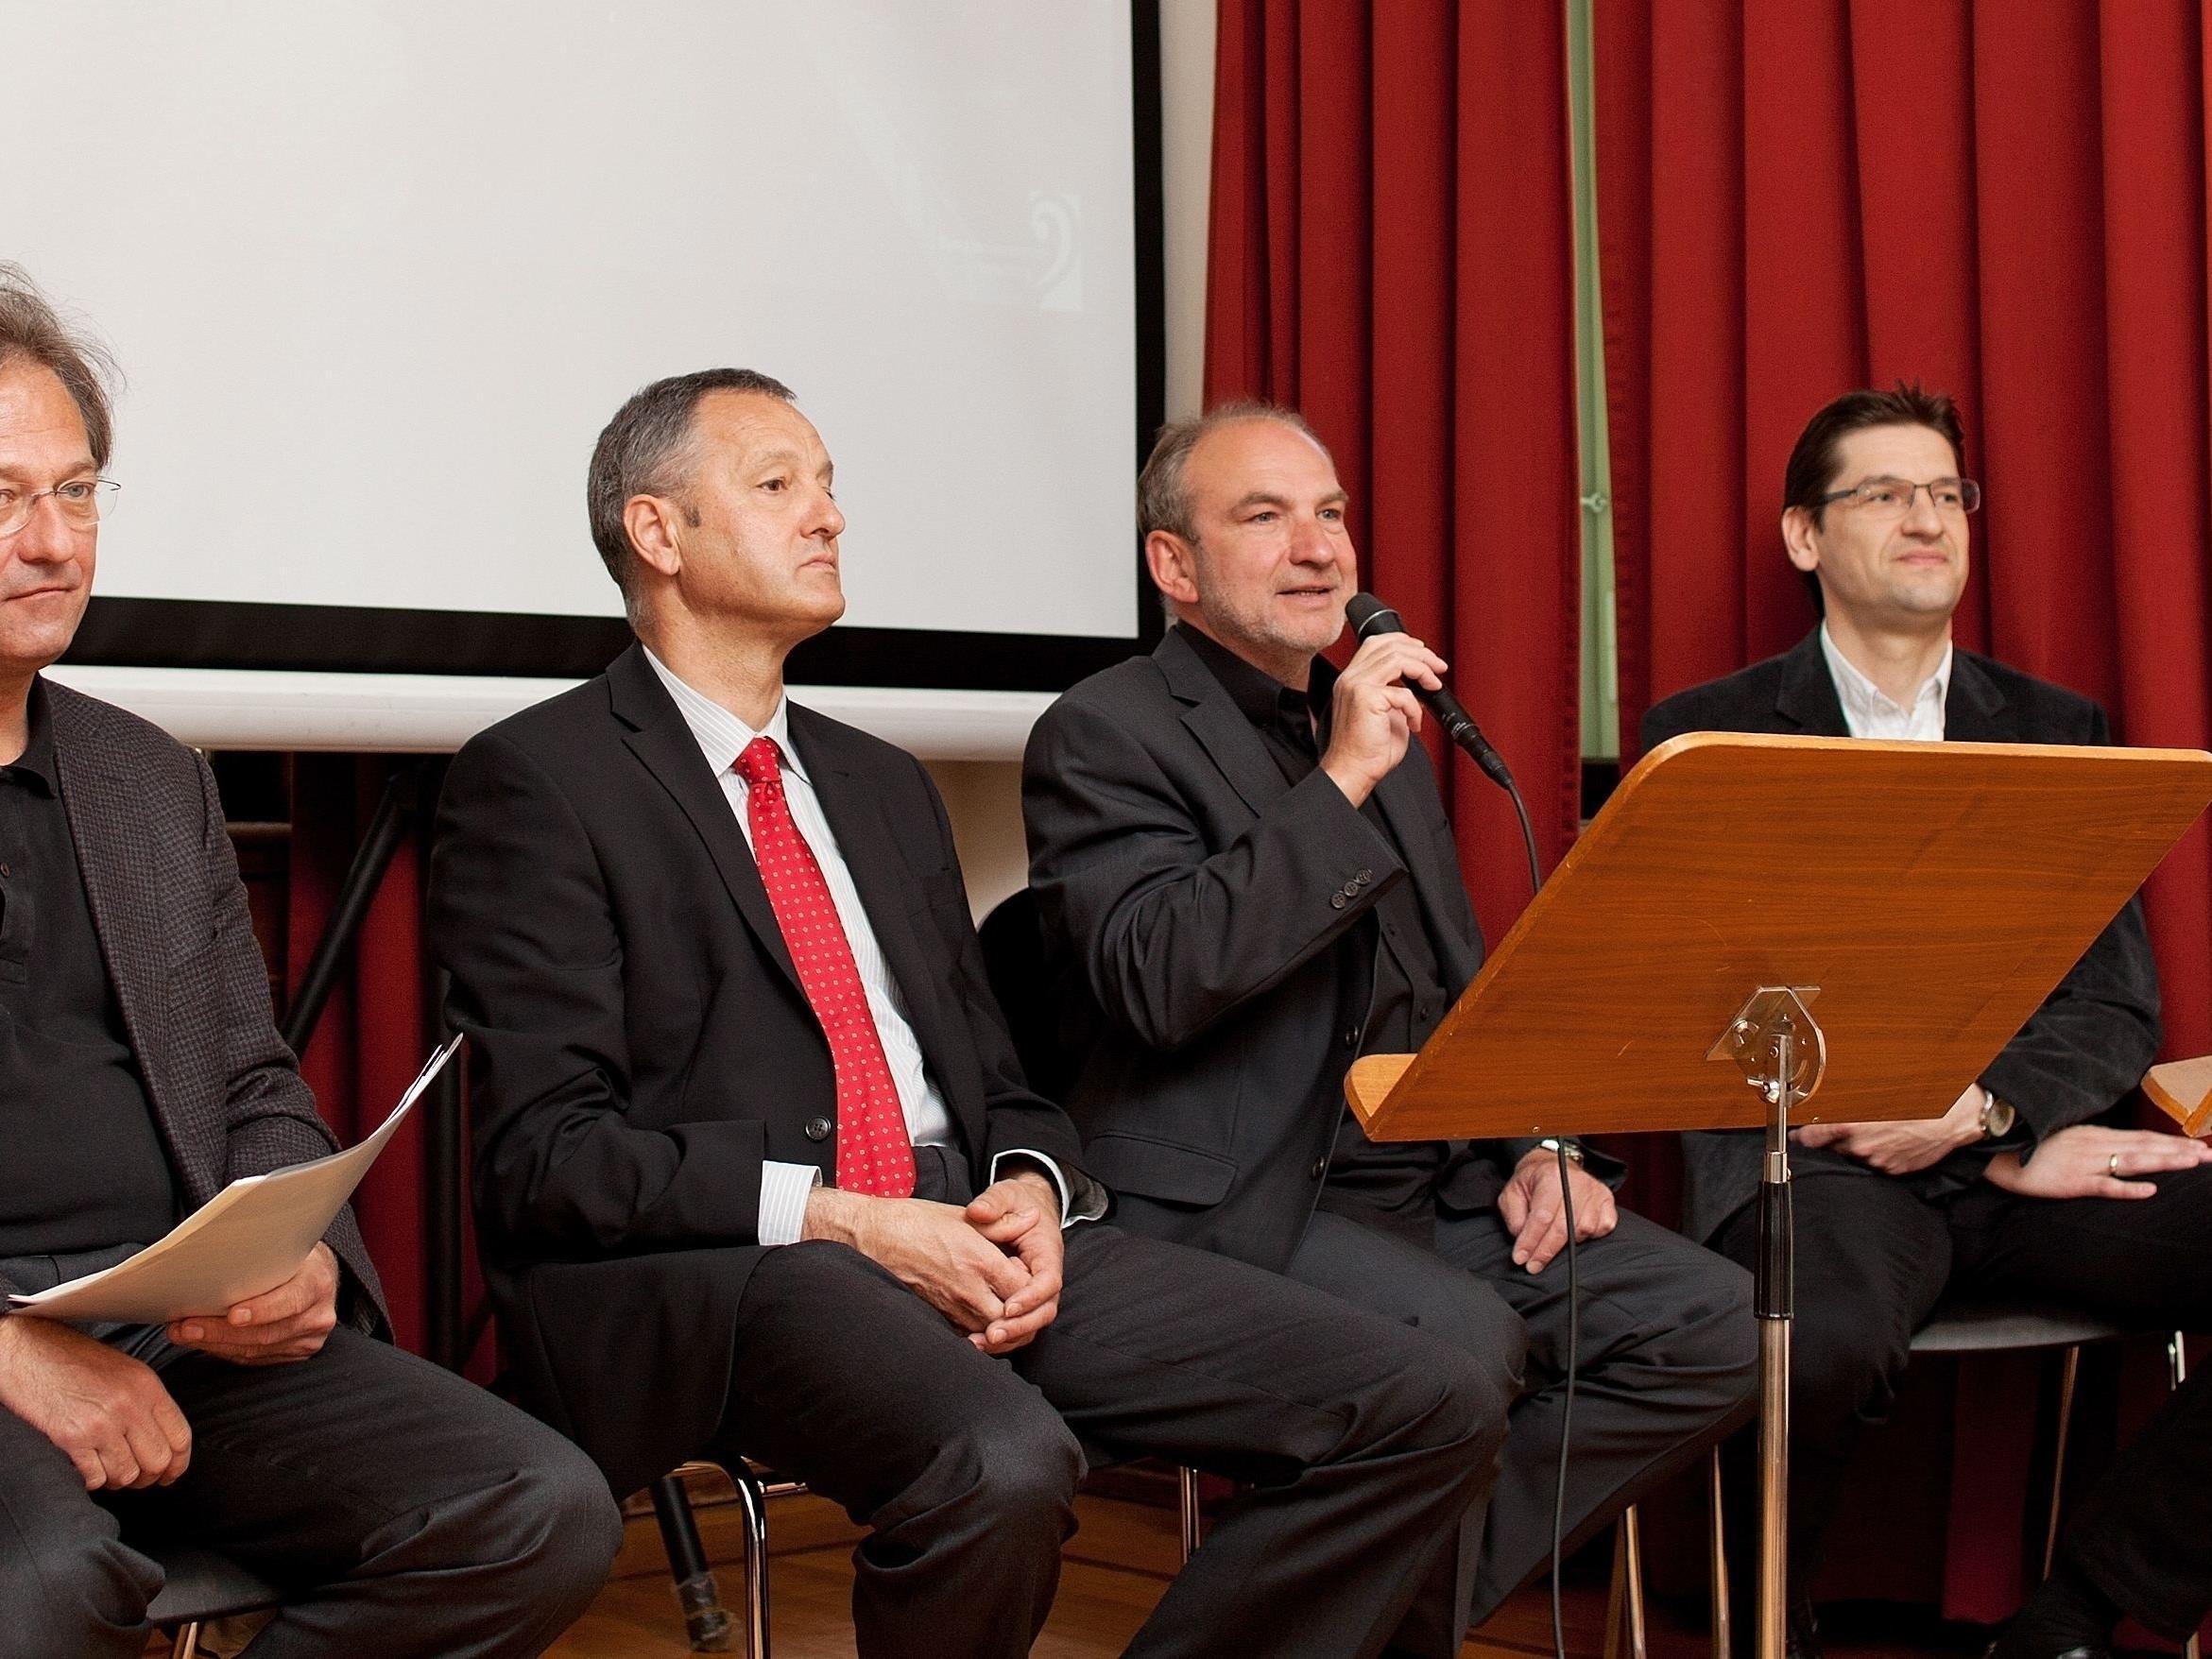 Präsentierten das Programm des Symphonieorchesters Vorarlberg für die Saison 2012/2013: Chefdirigent Gérard Korsten, Vorstand Eduard Konzett, Geschäftsführer Michael Löbl und Orchestervertreter Markus Ellensohn.